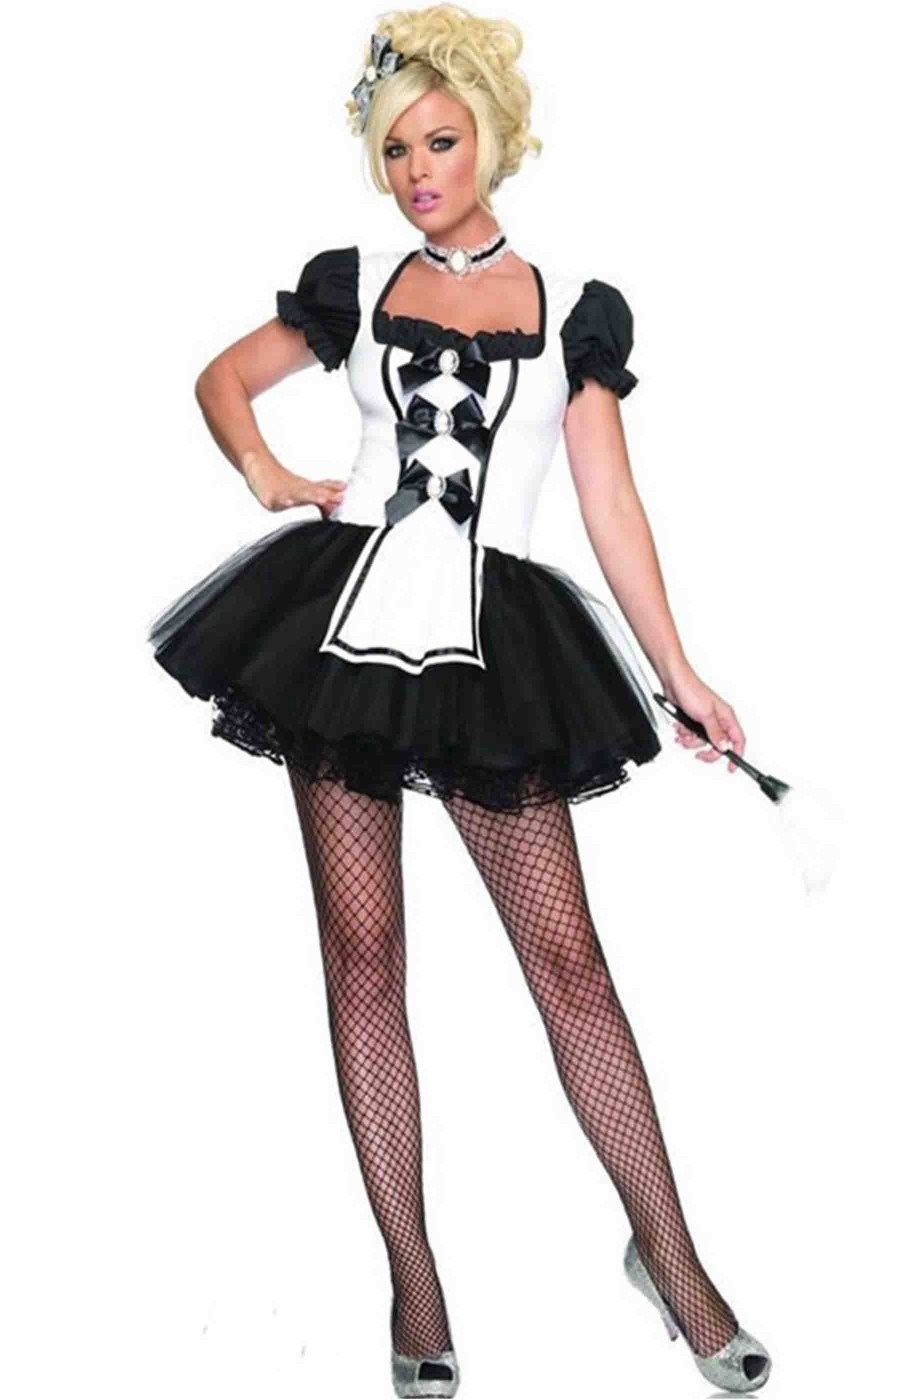 più colori originale più votato vivido e di grande stile Vestito di carnevale da Cameriera con bianco e nero con gonna